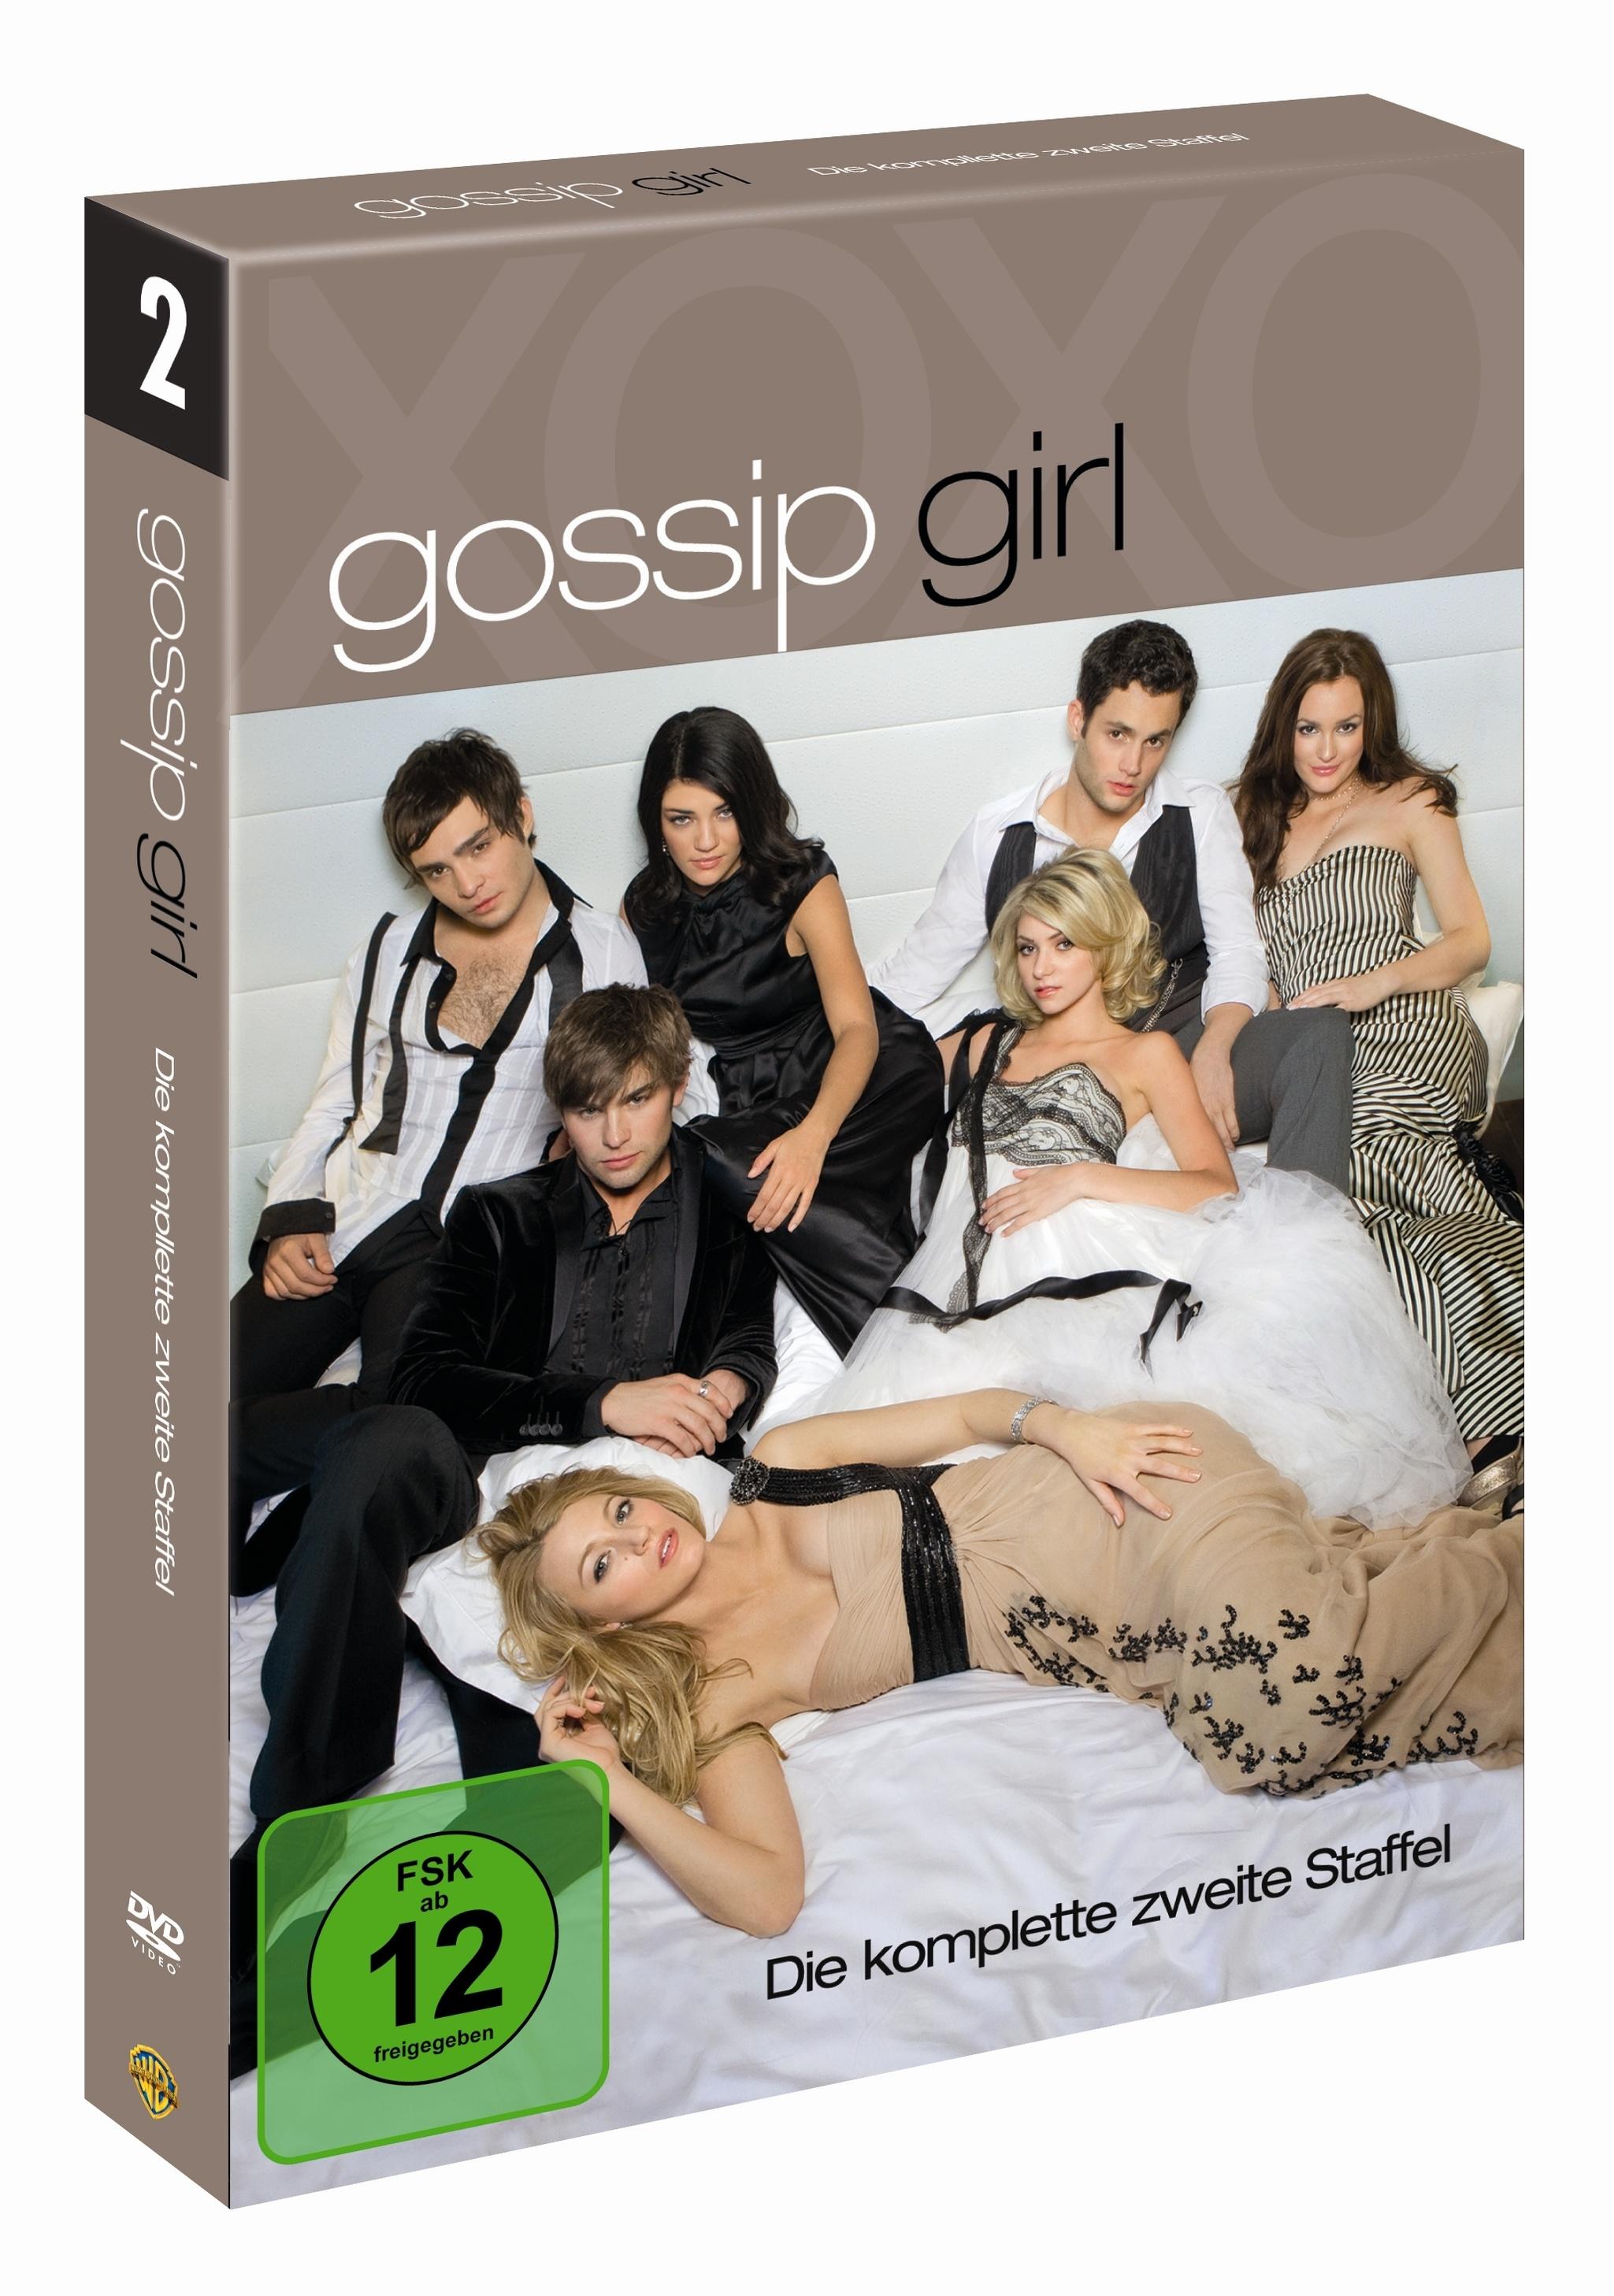 Gossip Girl Staffel 2 Kostenlos Anschauen